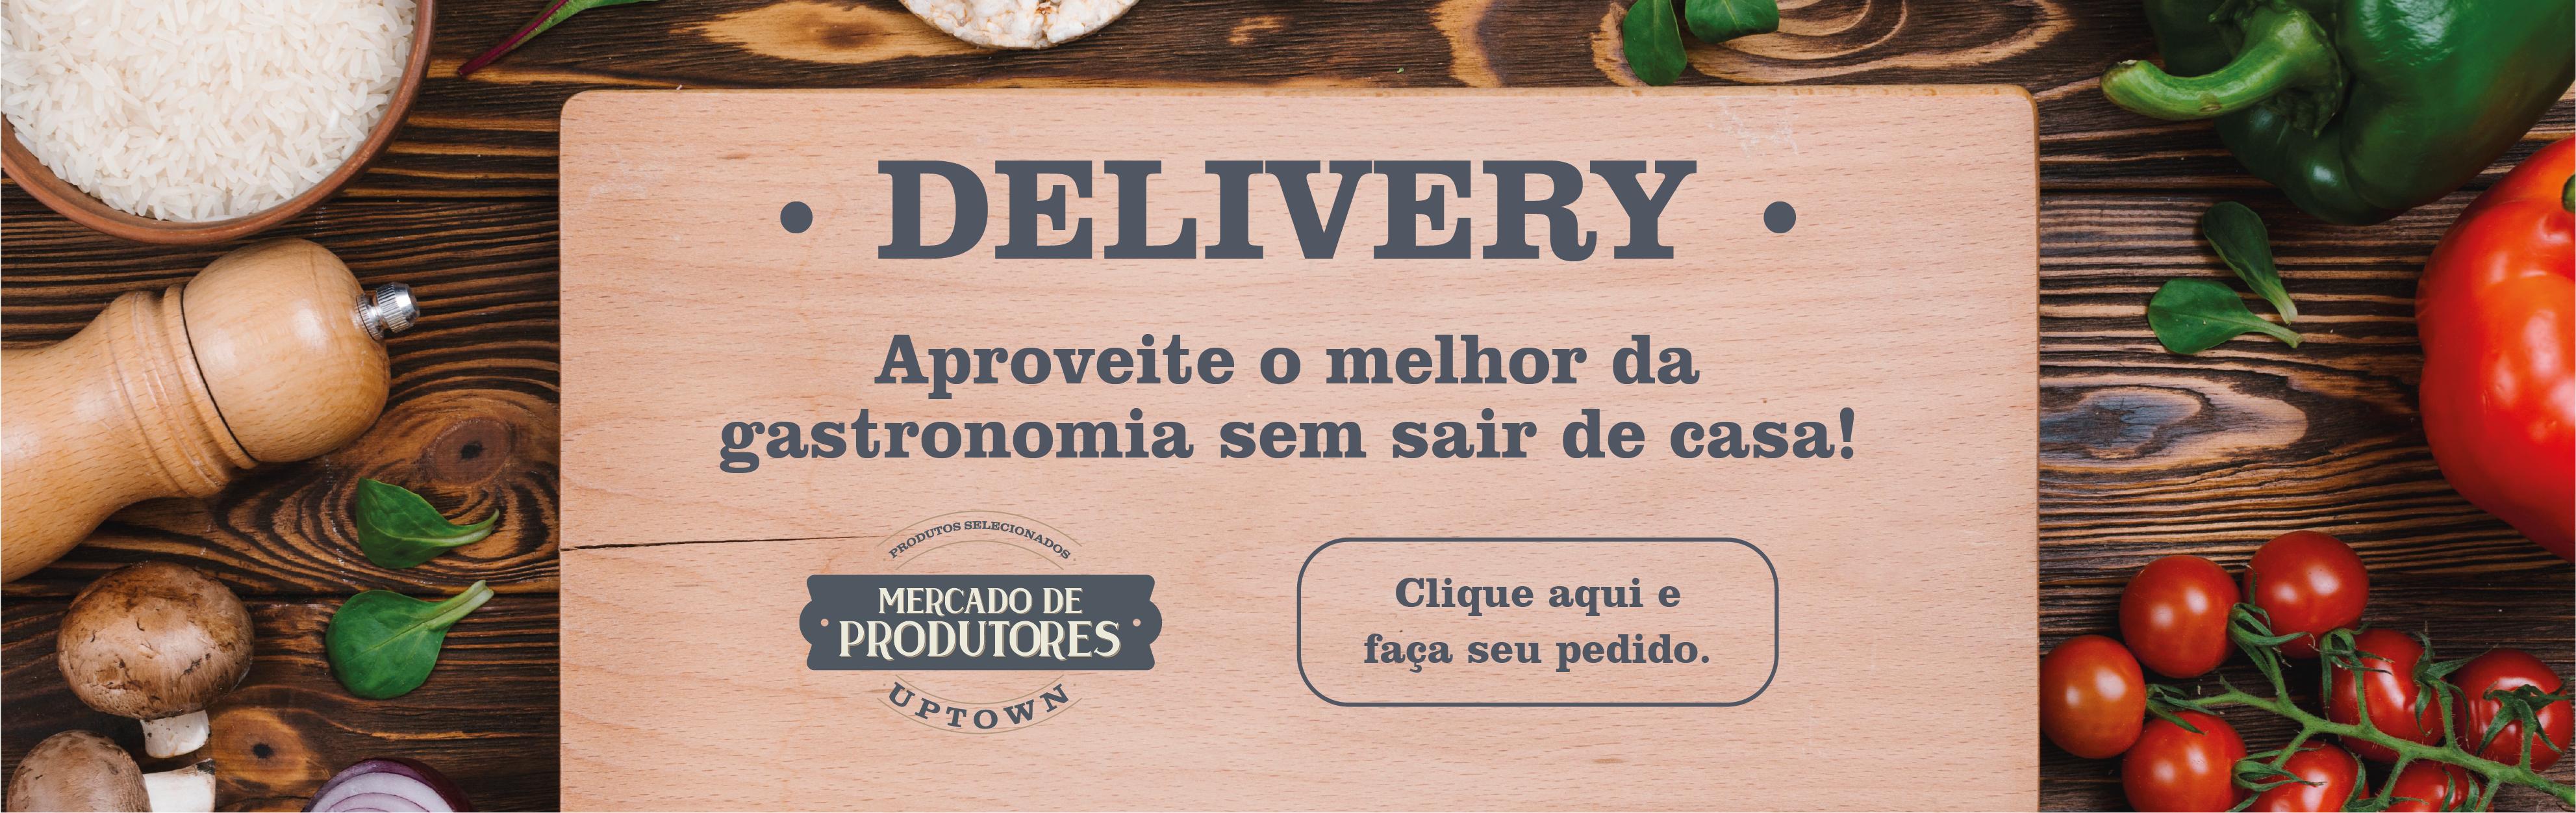 Delivery Mercado